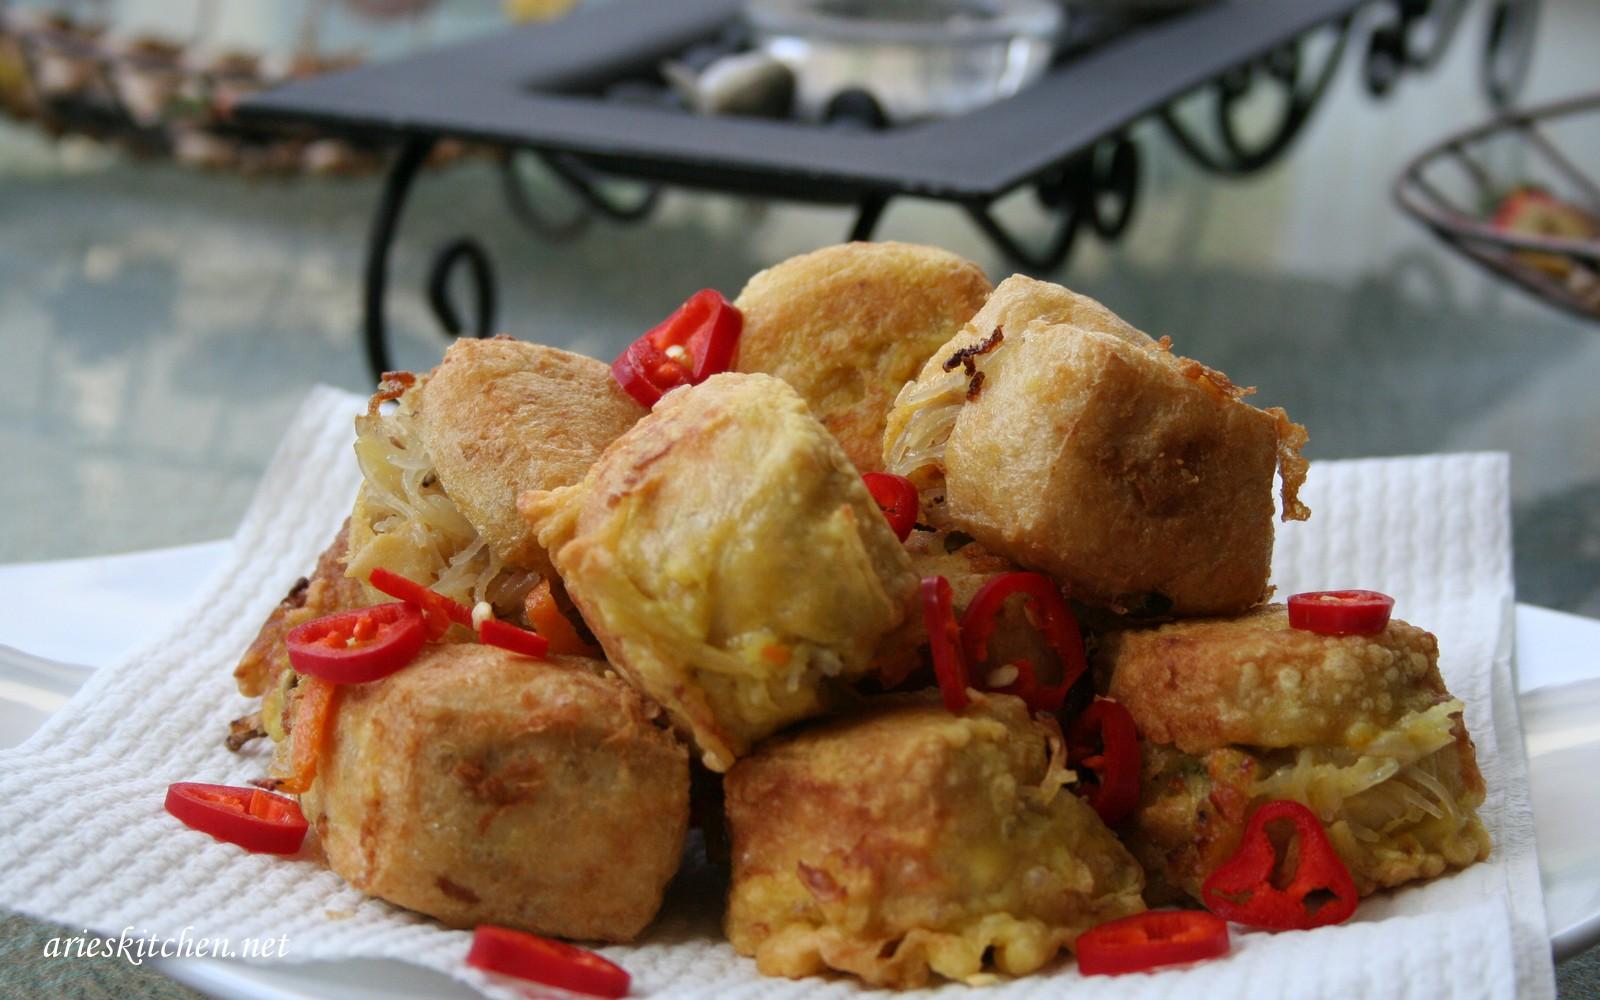 Resep Tahu Isi Enak Dan Mudah Arie S Kitchen